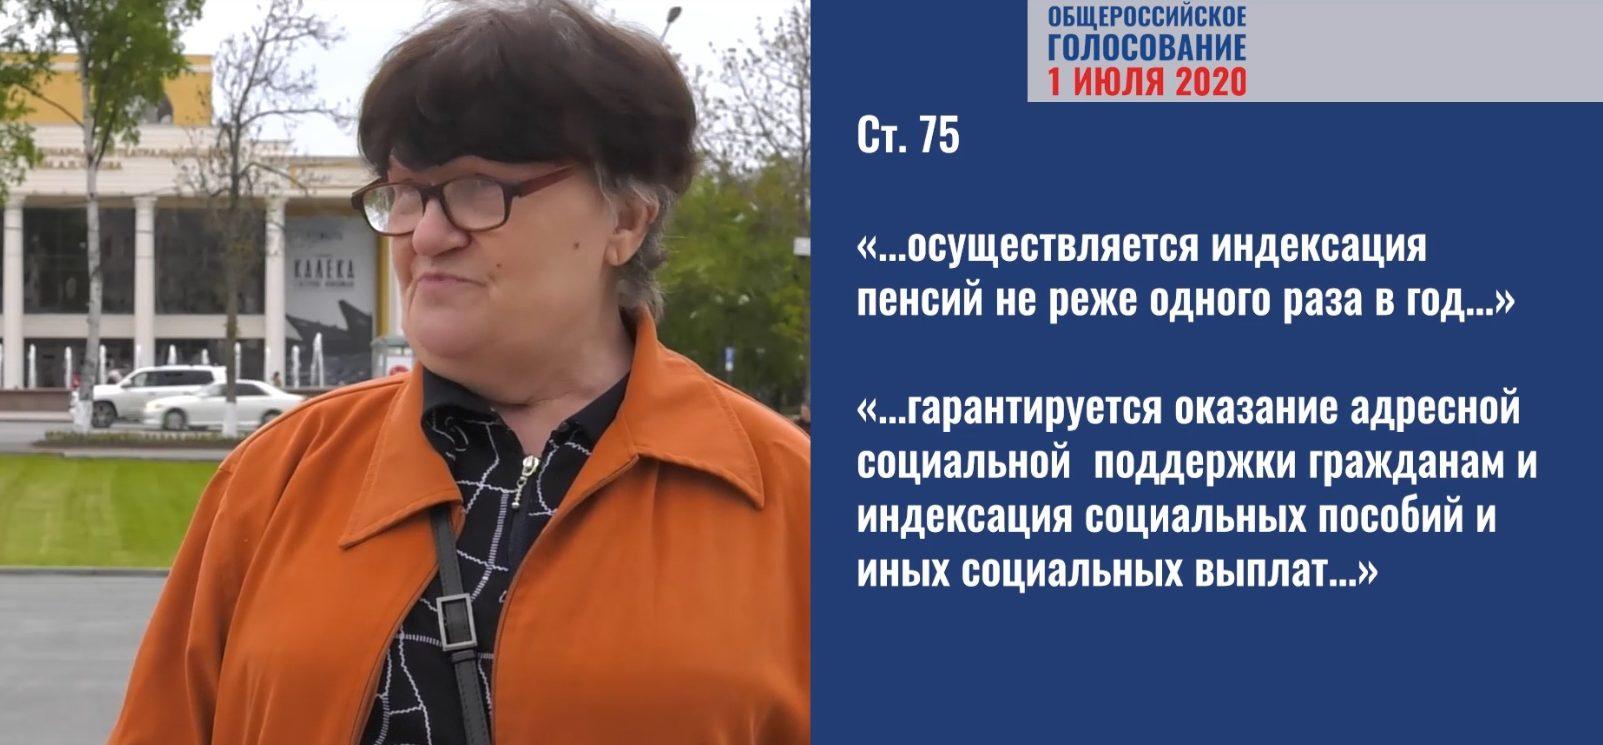 Граждане России рассказывают чем для них важны социальные гарантии